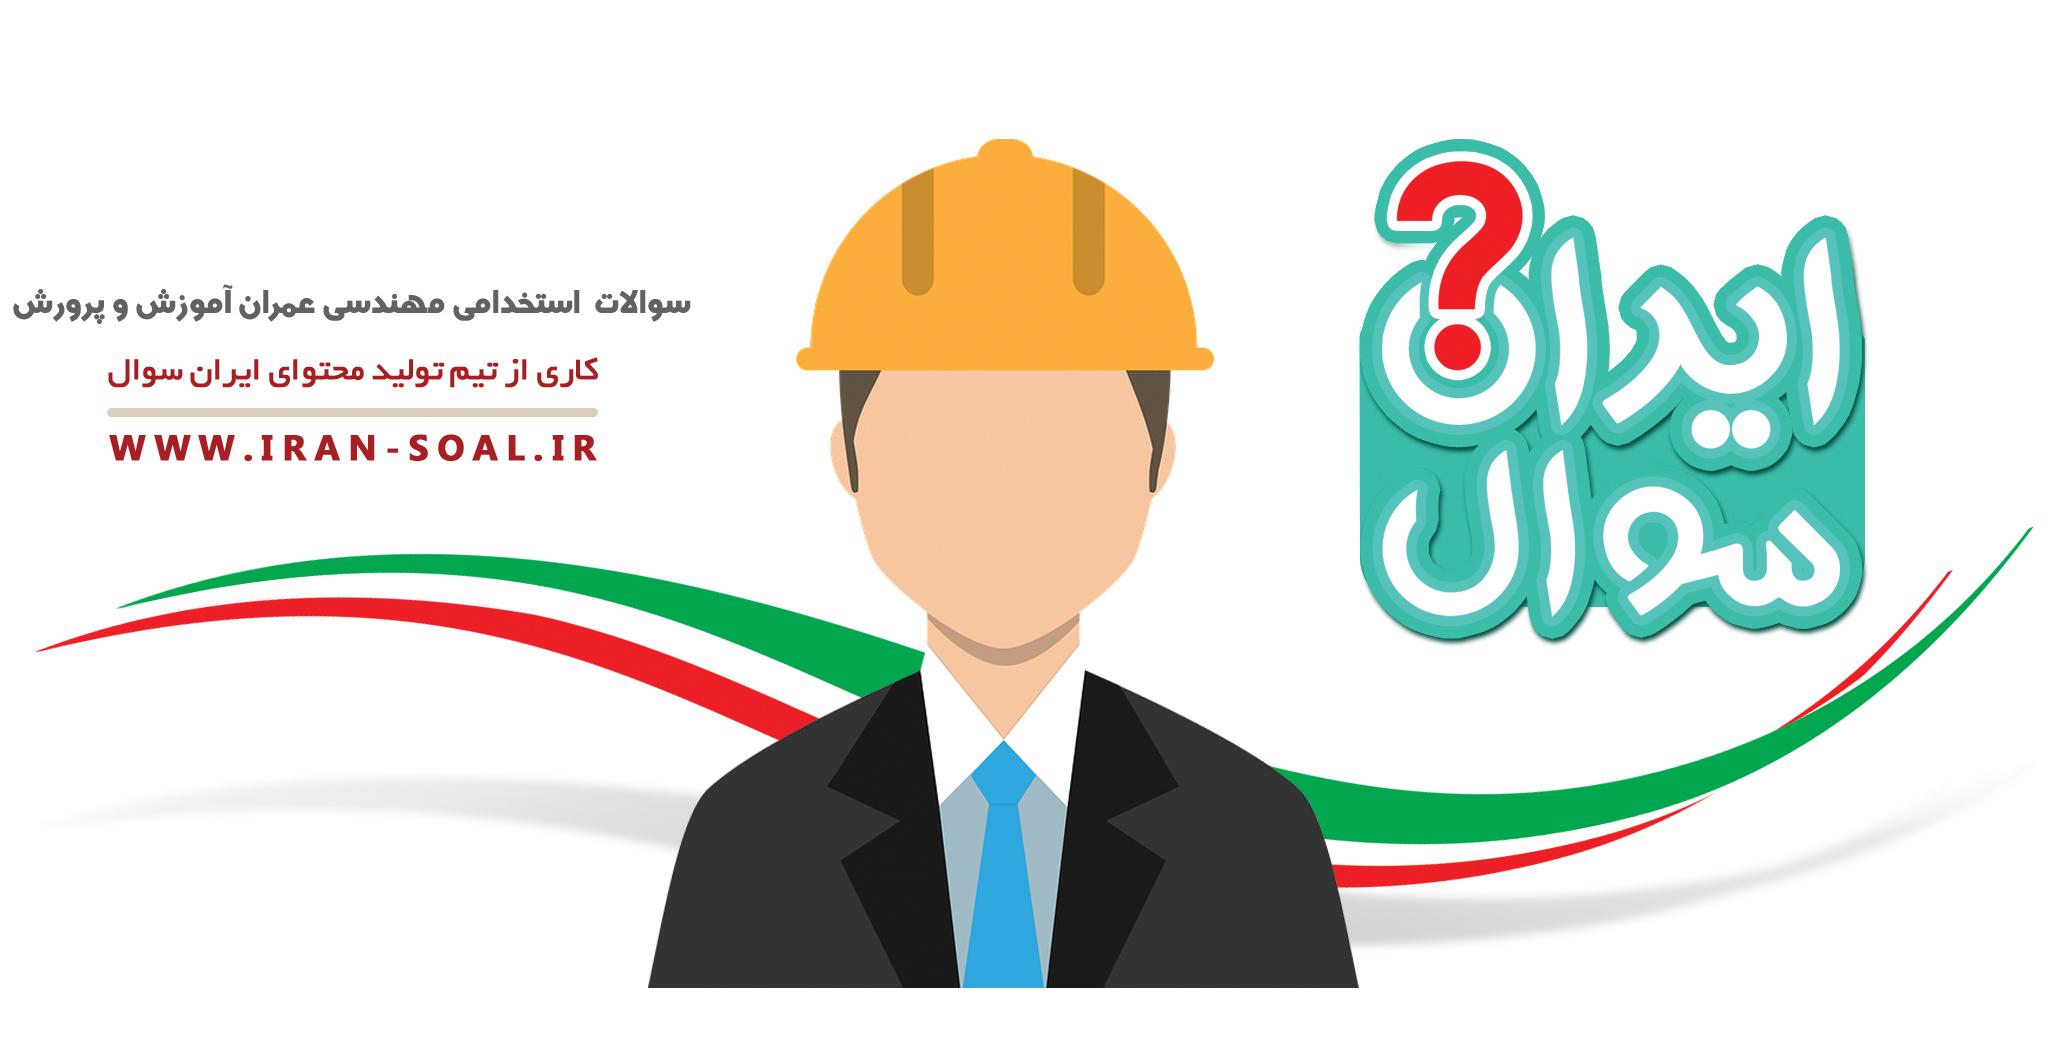 سوالات استخدامی مهندسی عمران دبیر حرفه و فن آموزش و پرورش